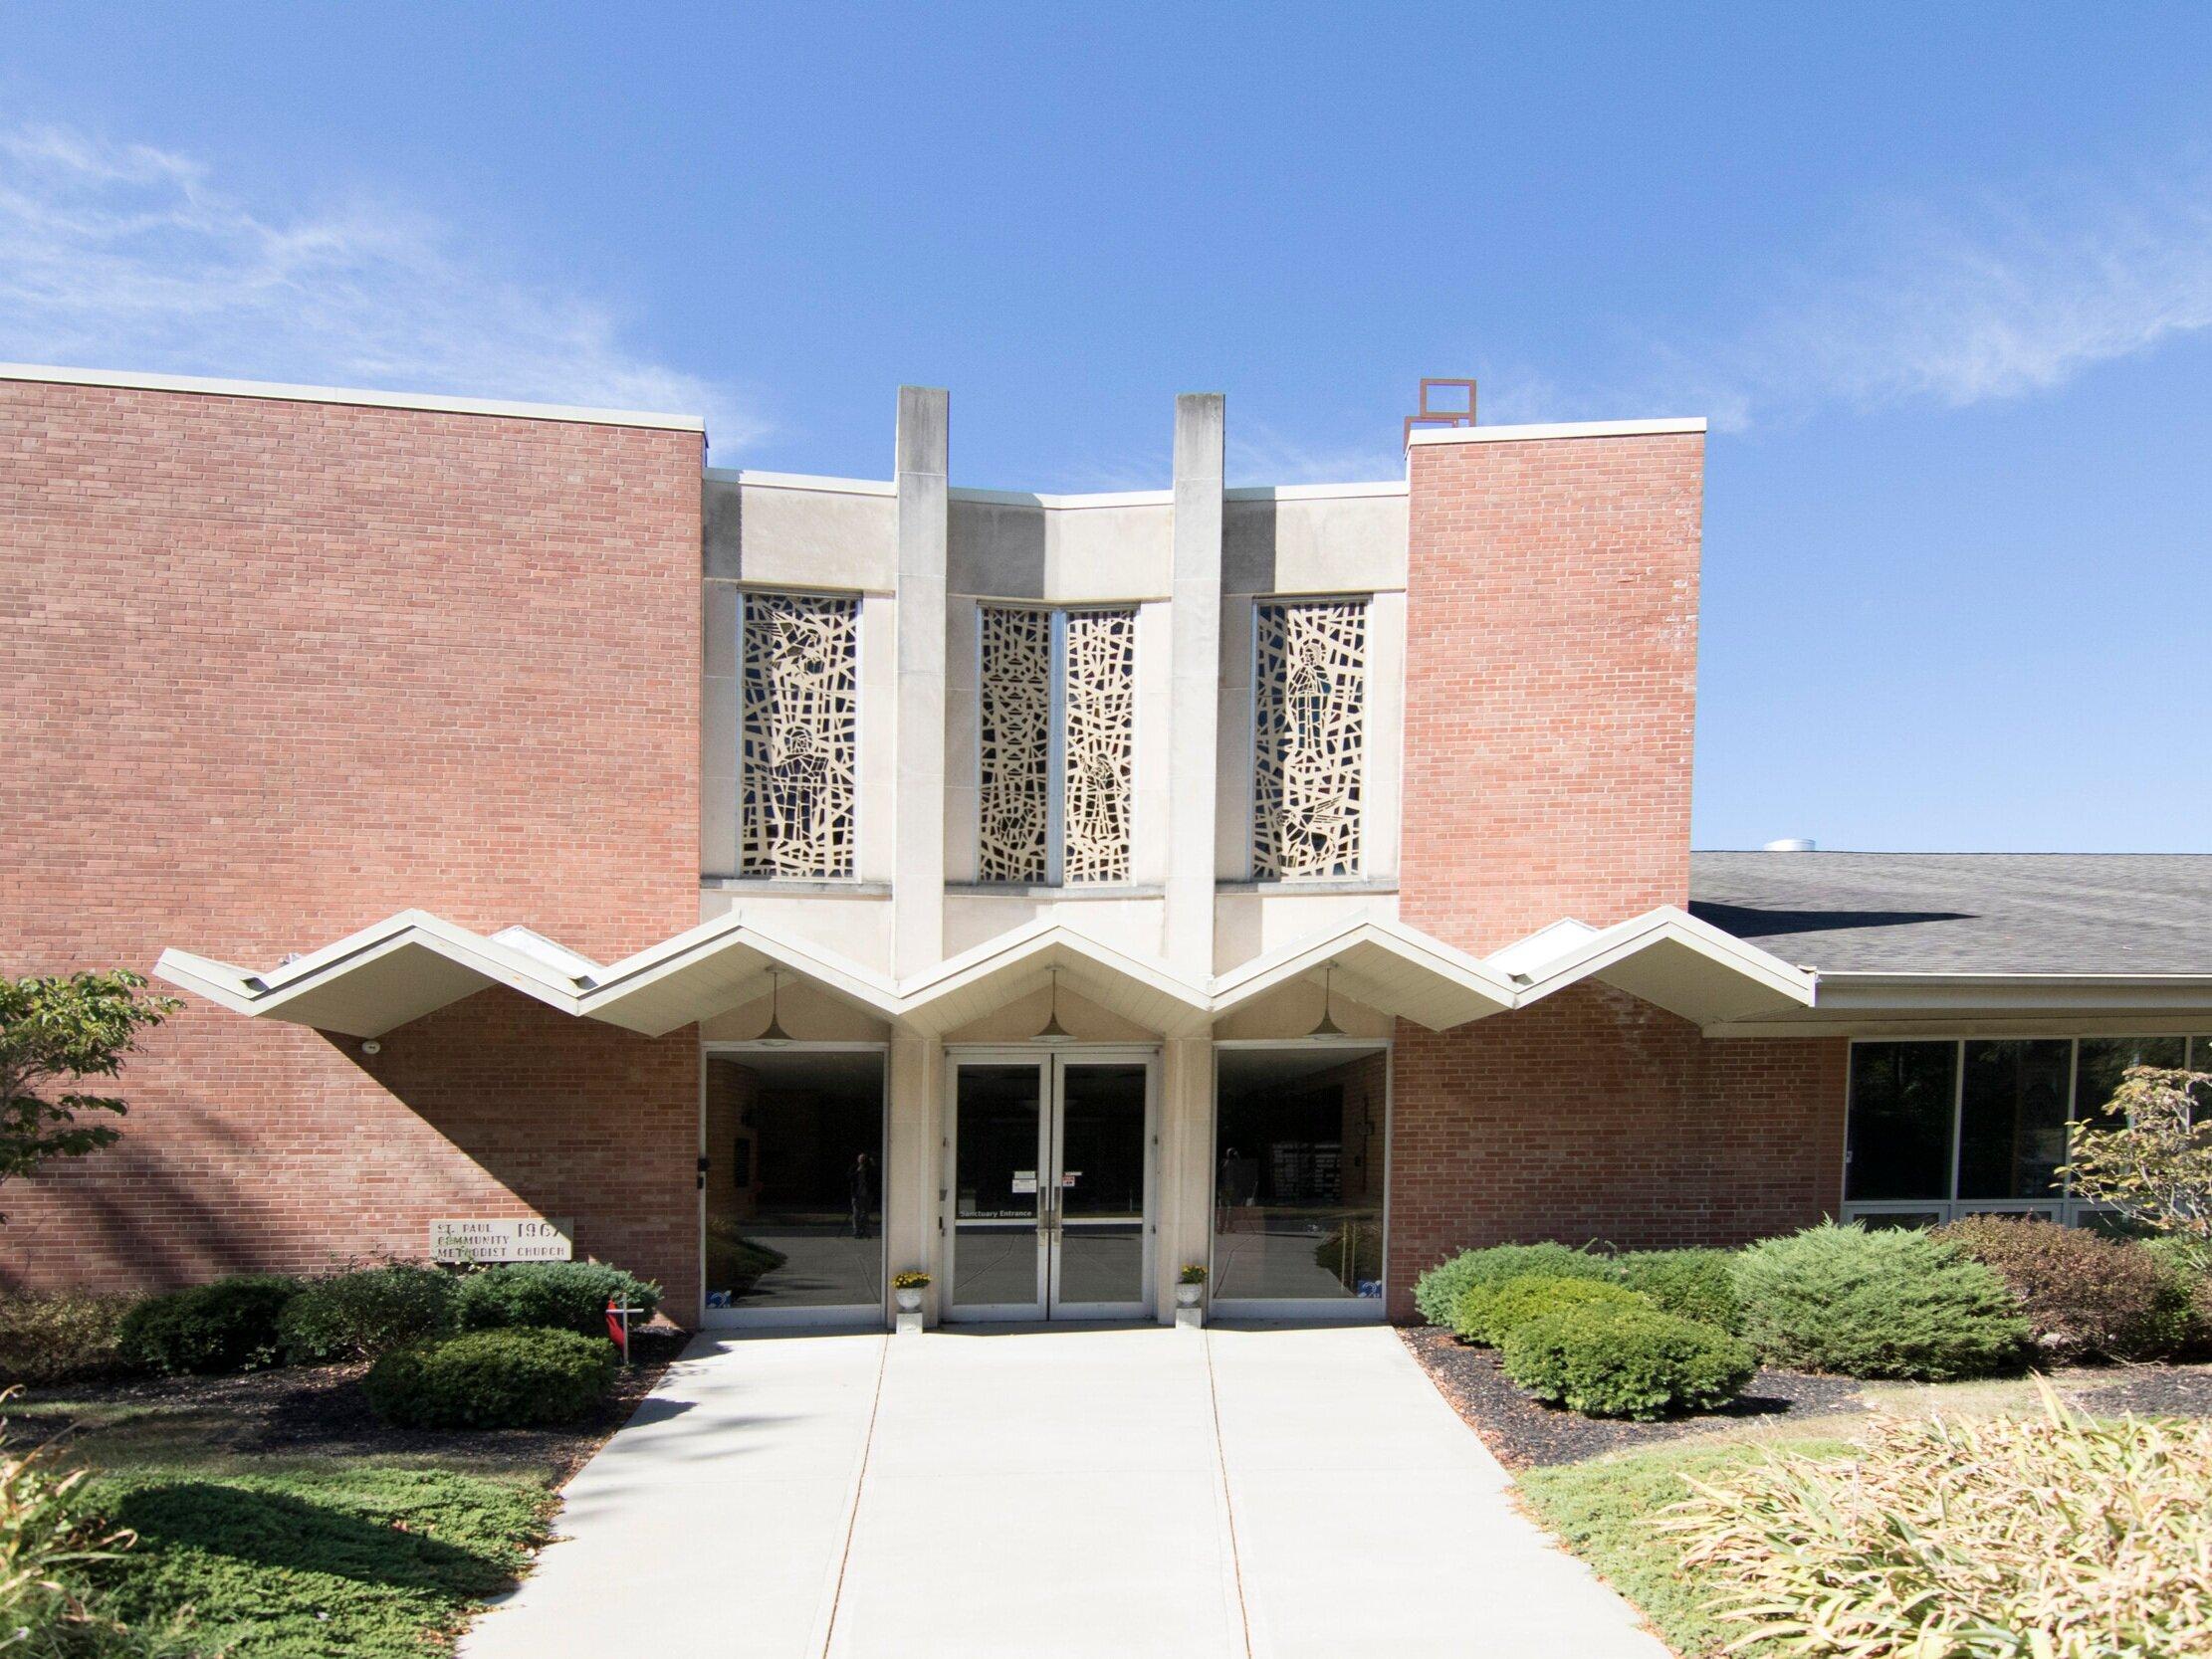 St. Paul's UMC. Photo credit: Micah Montague